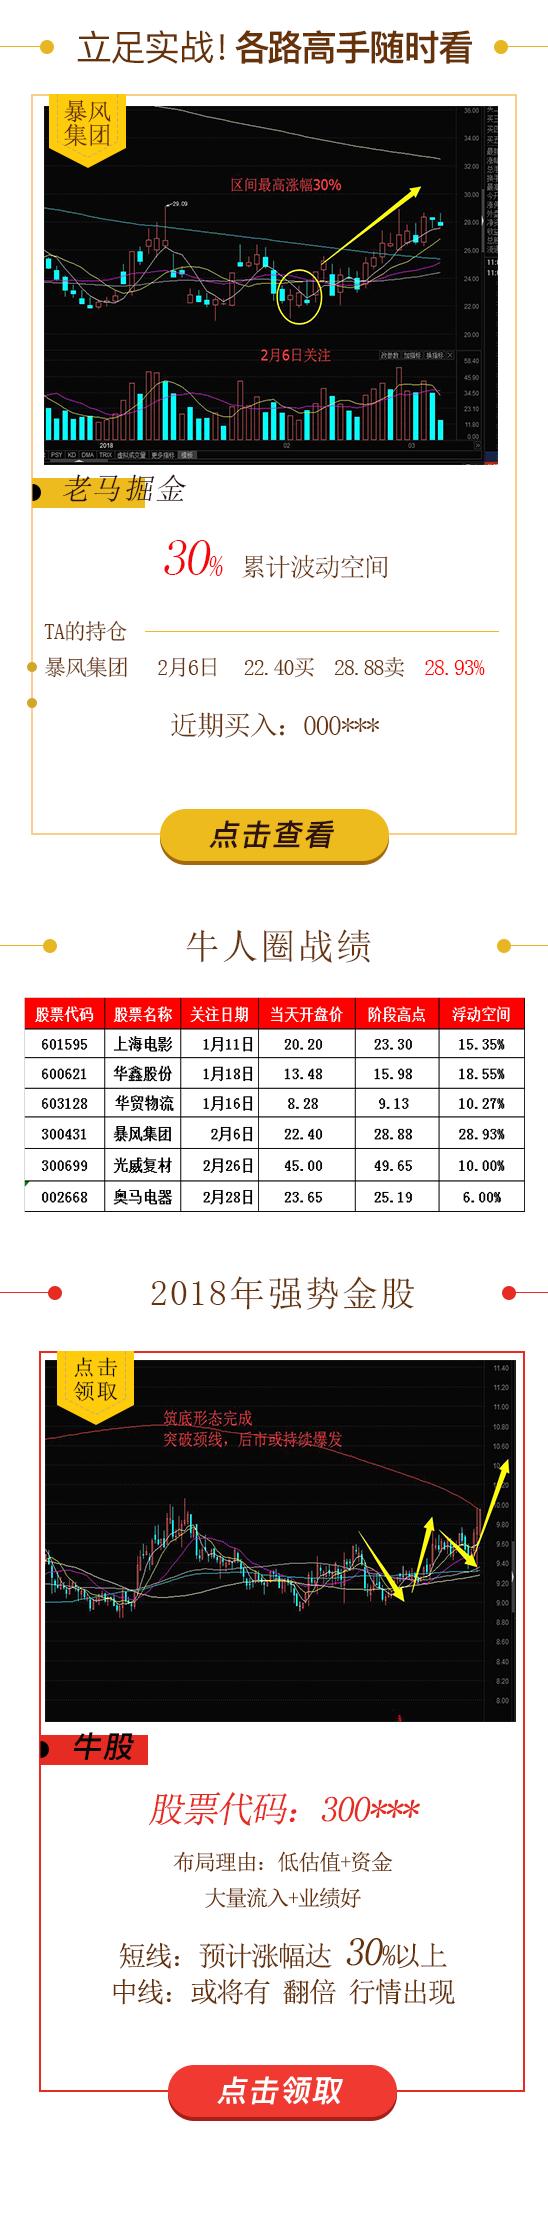 老马掘金:股市实战操盘技术快速进阶(基础篇)